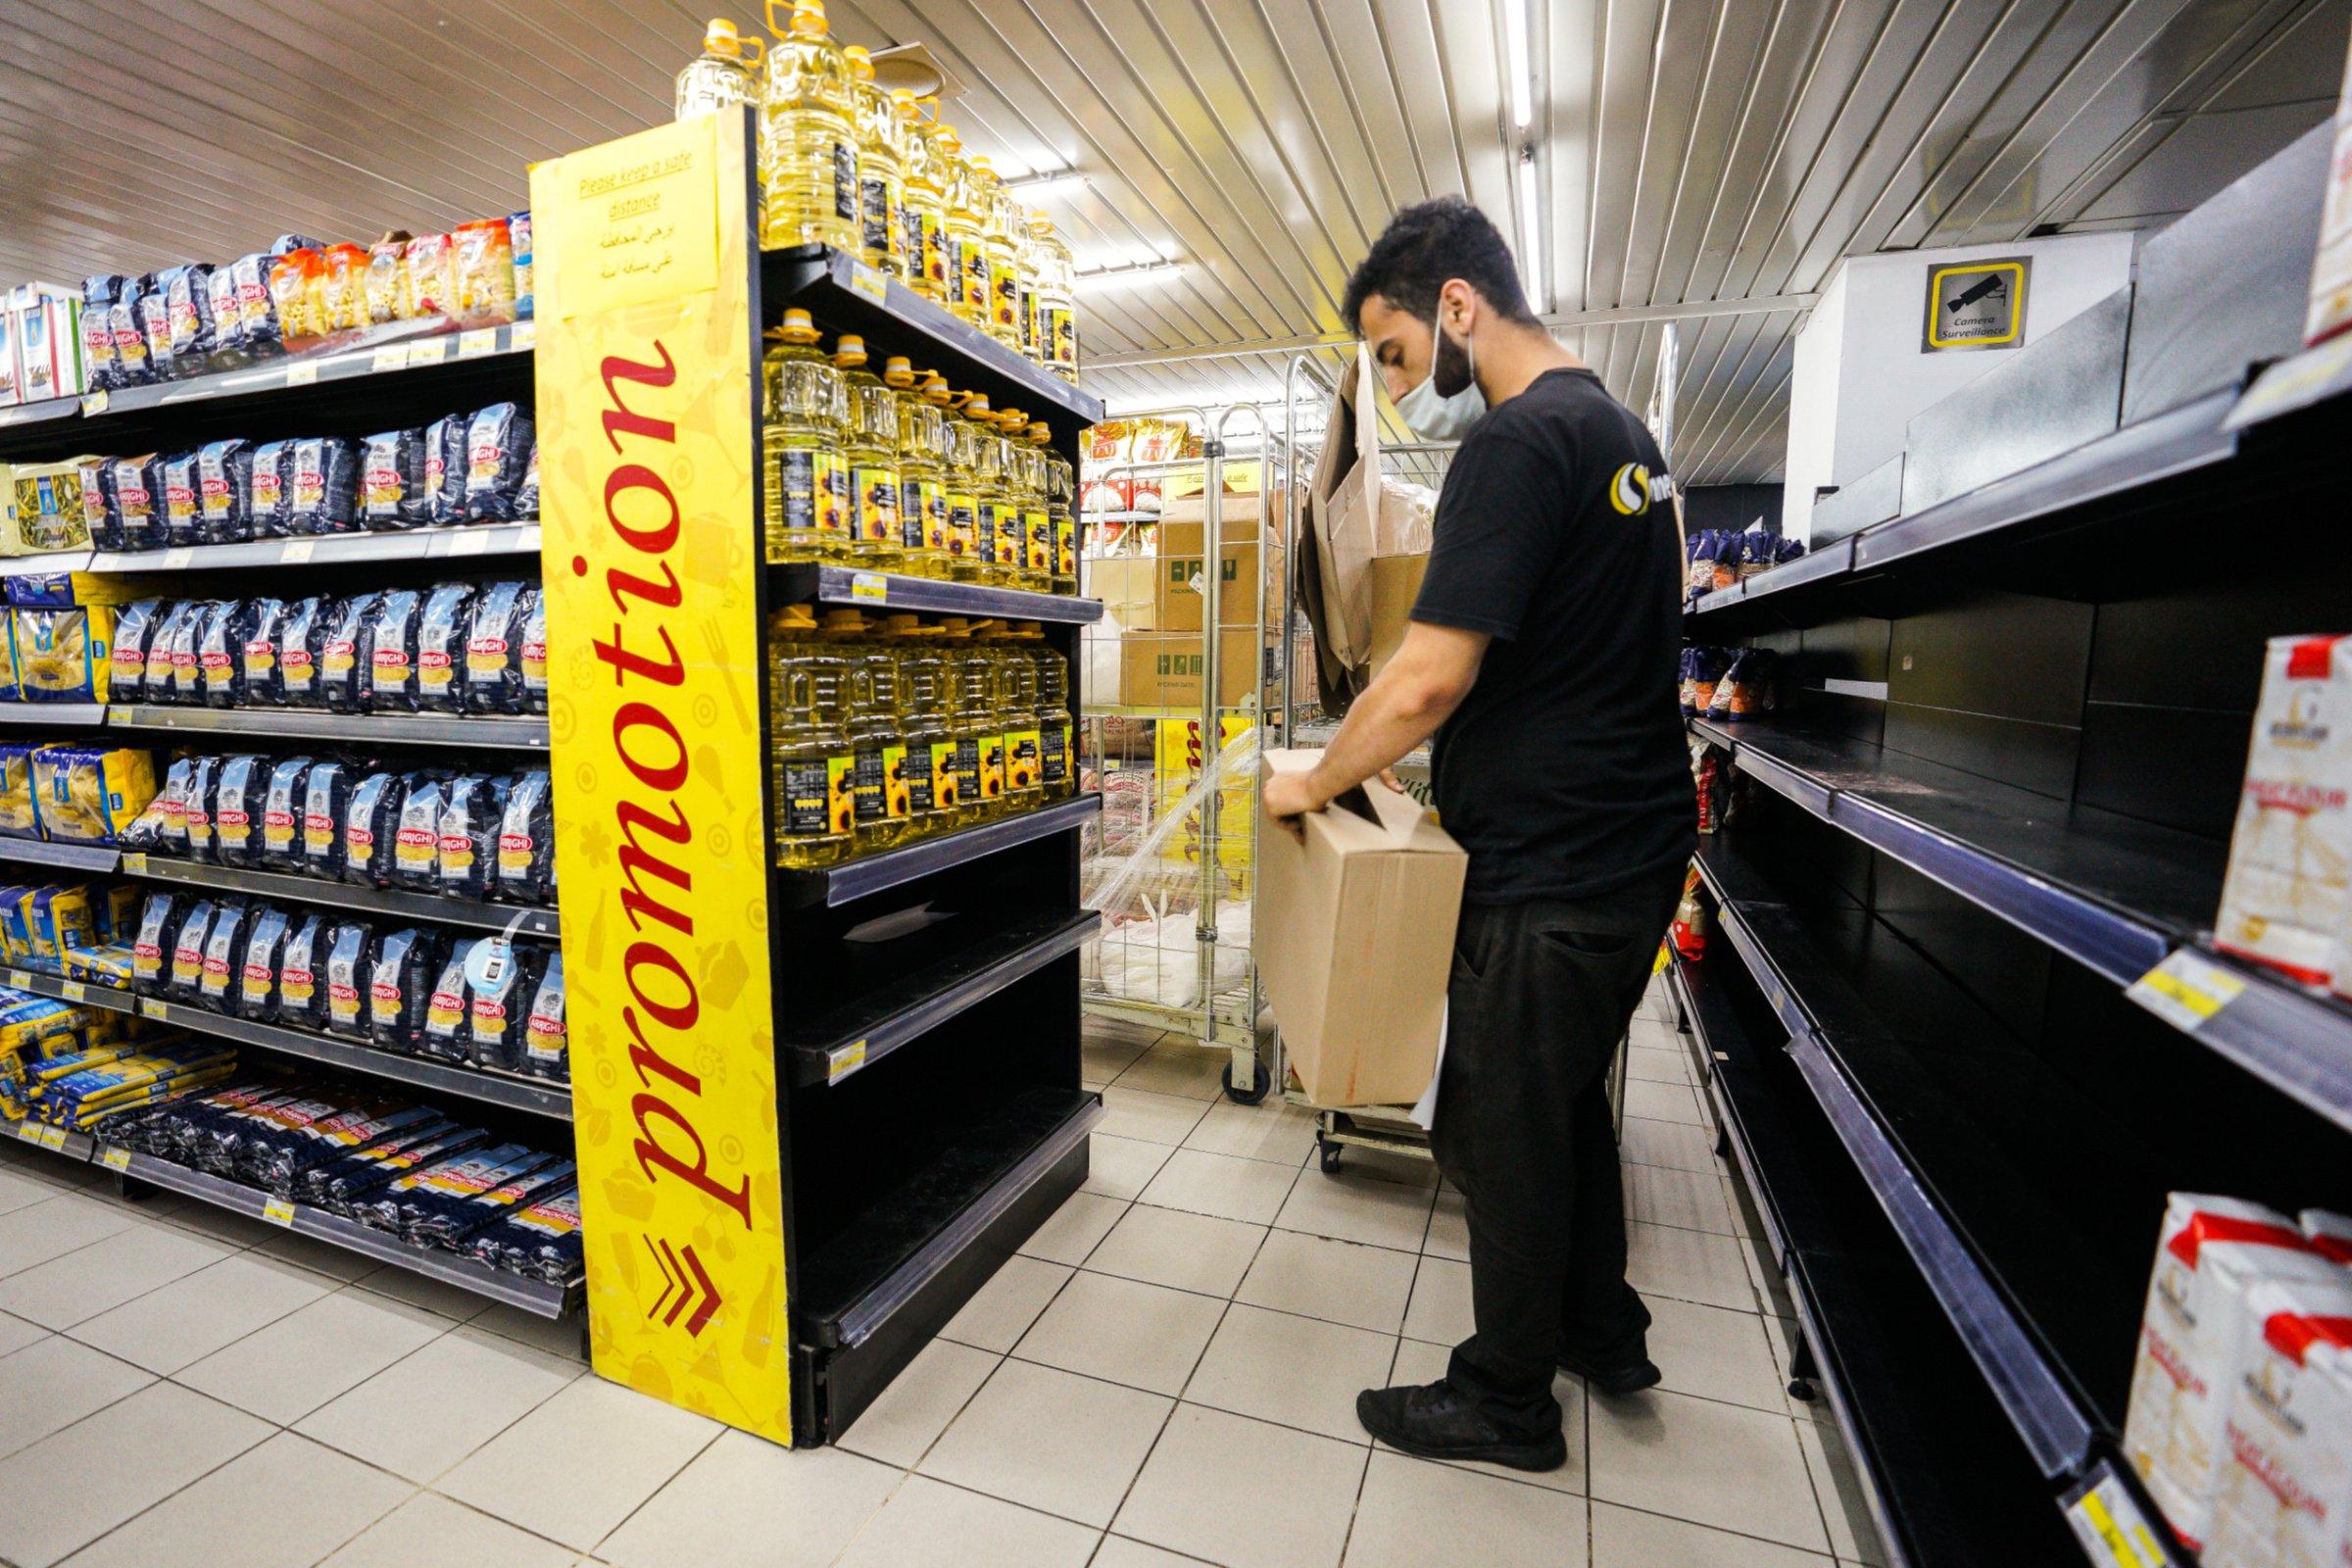 Lebanon's economic crisis